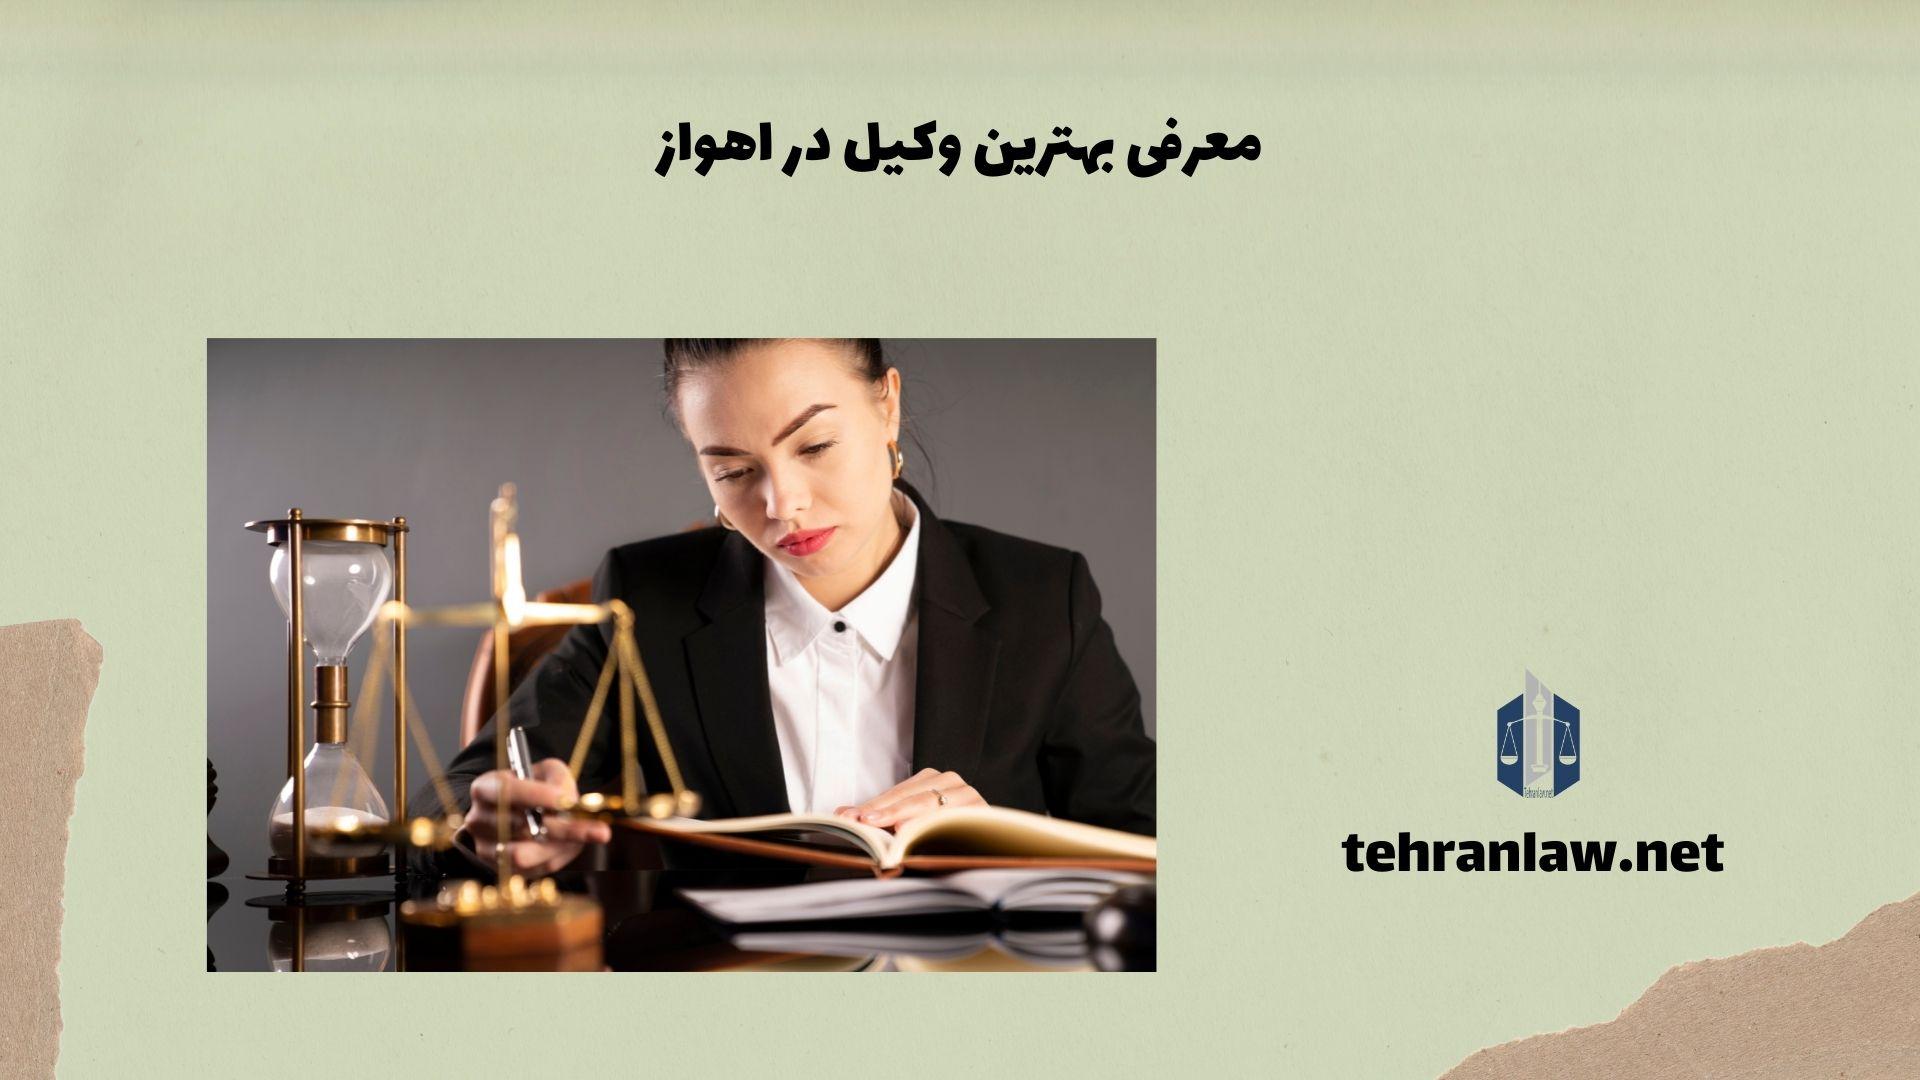 معرفی بهترین وکیل در اهواز